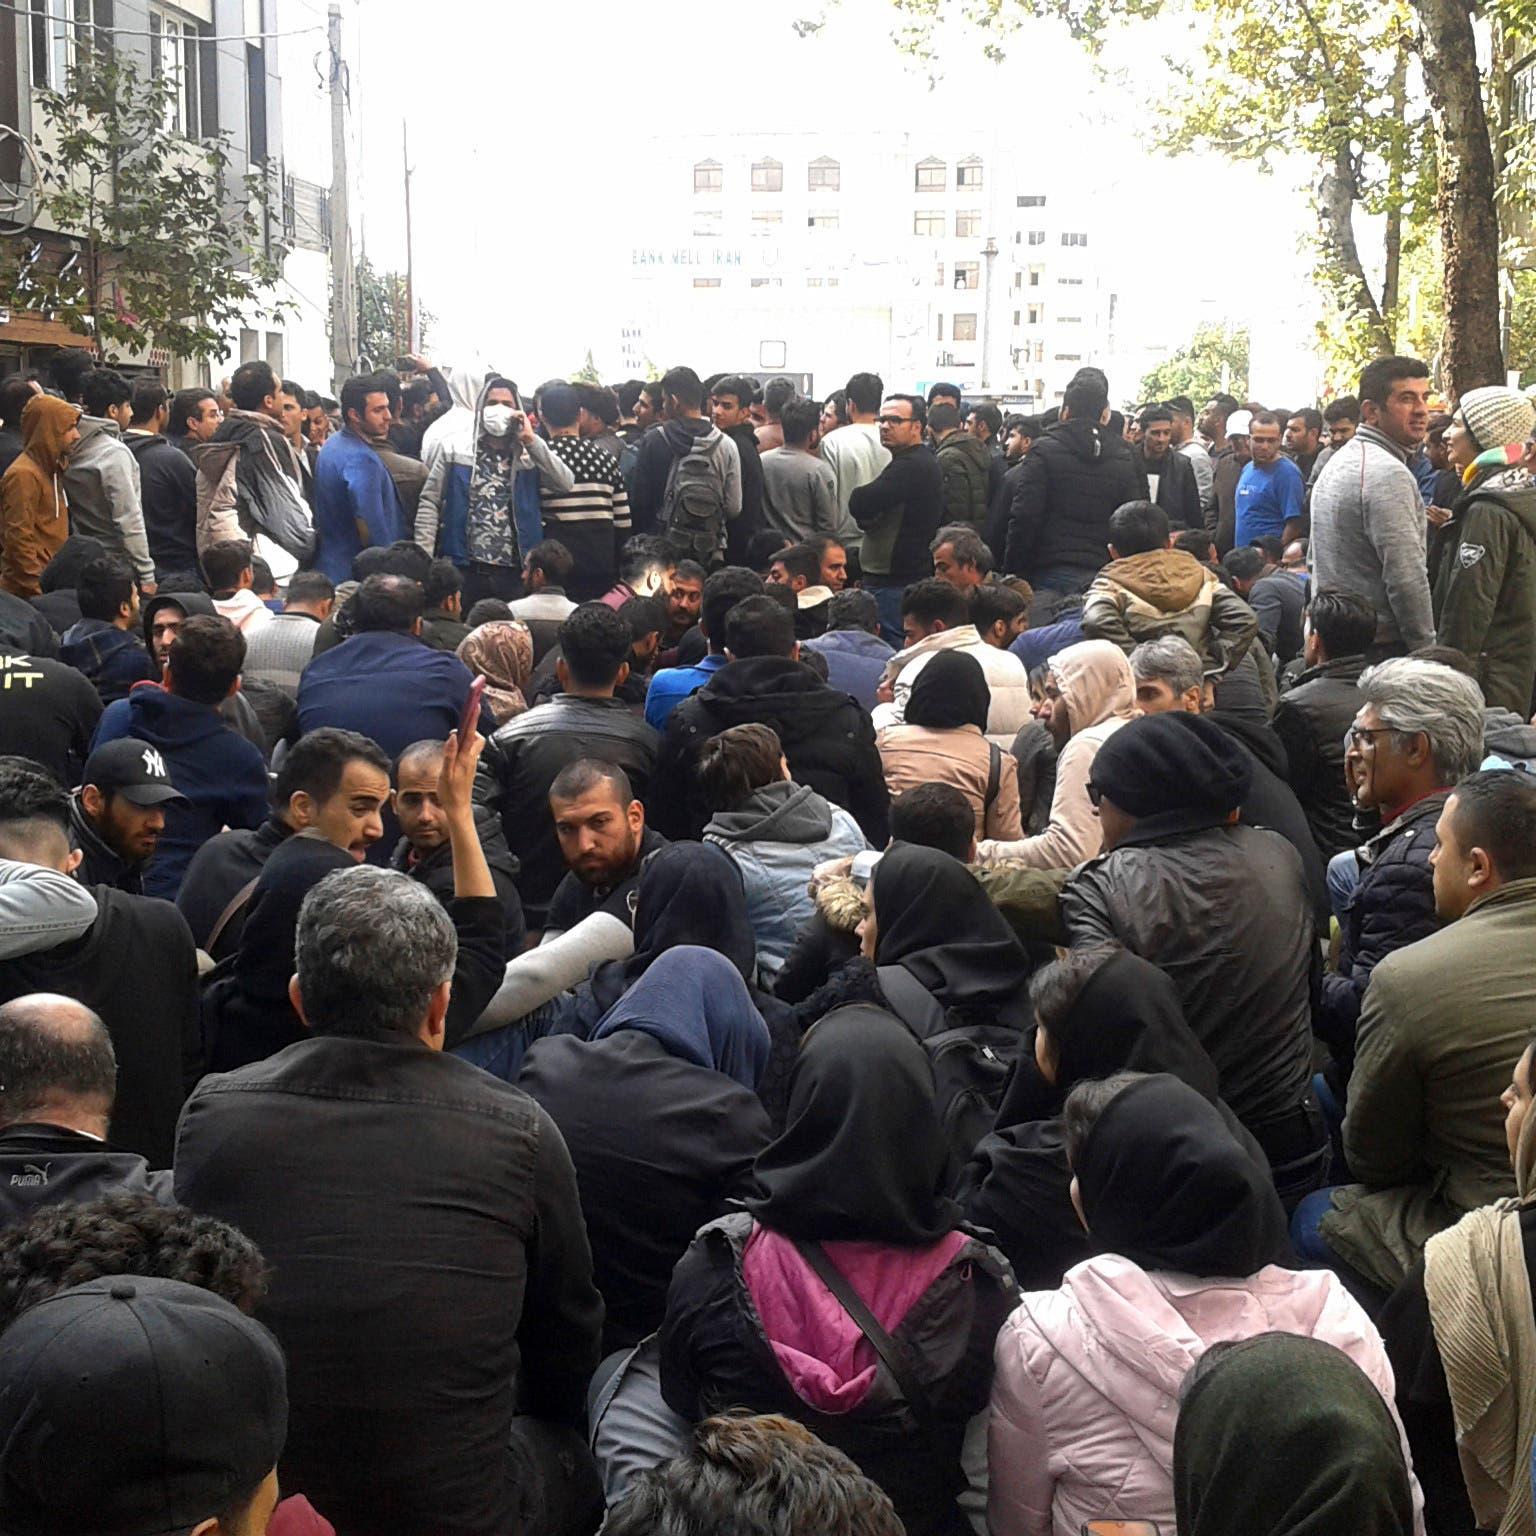 أشهر على انتفاضة نوفمبر في إيران.. أعداد الضحايا ضائعة